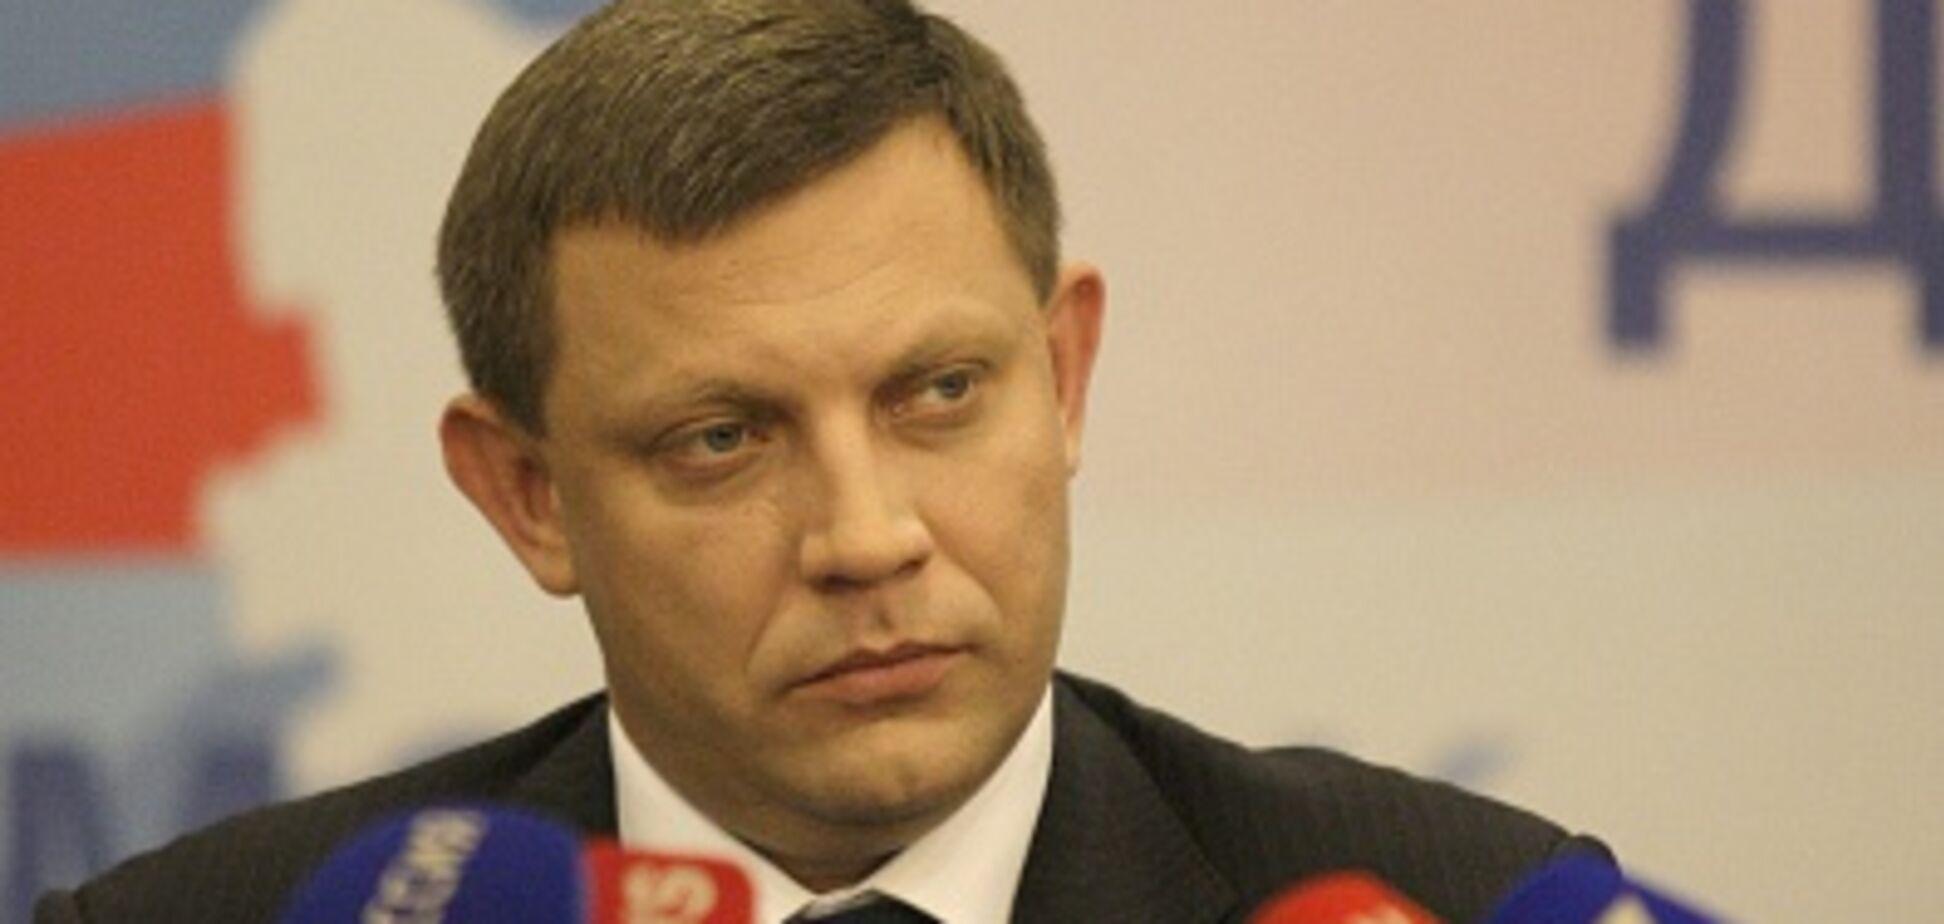 Журналист рассказал о подготовке 'покушения' на главаря 'ДНР'